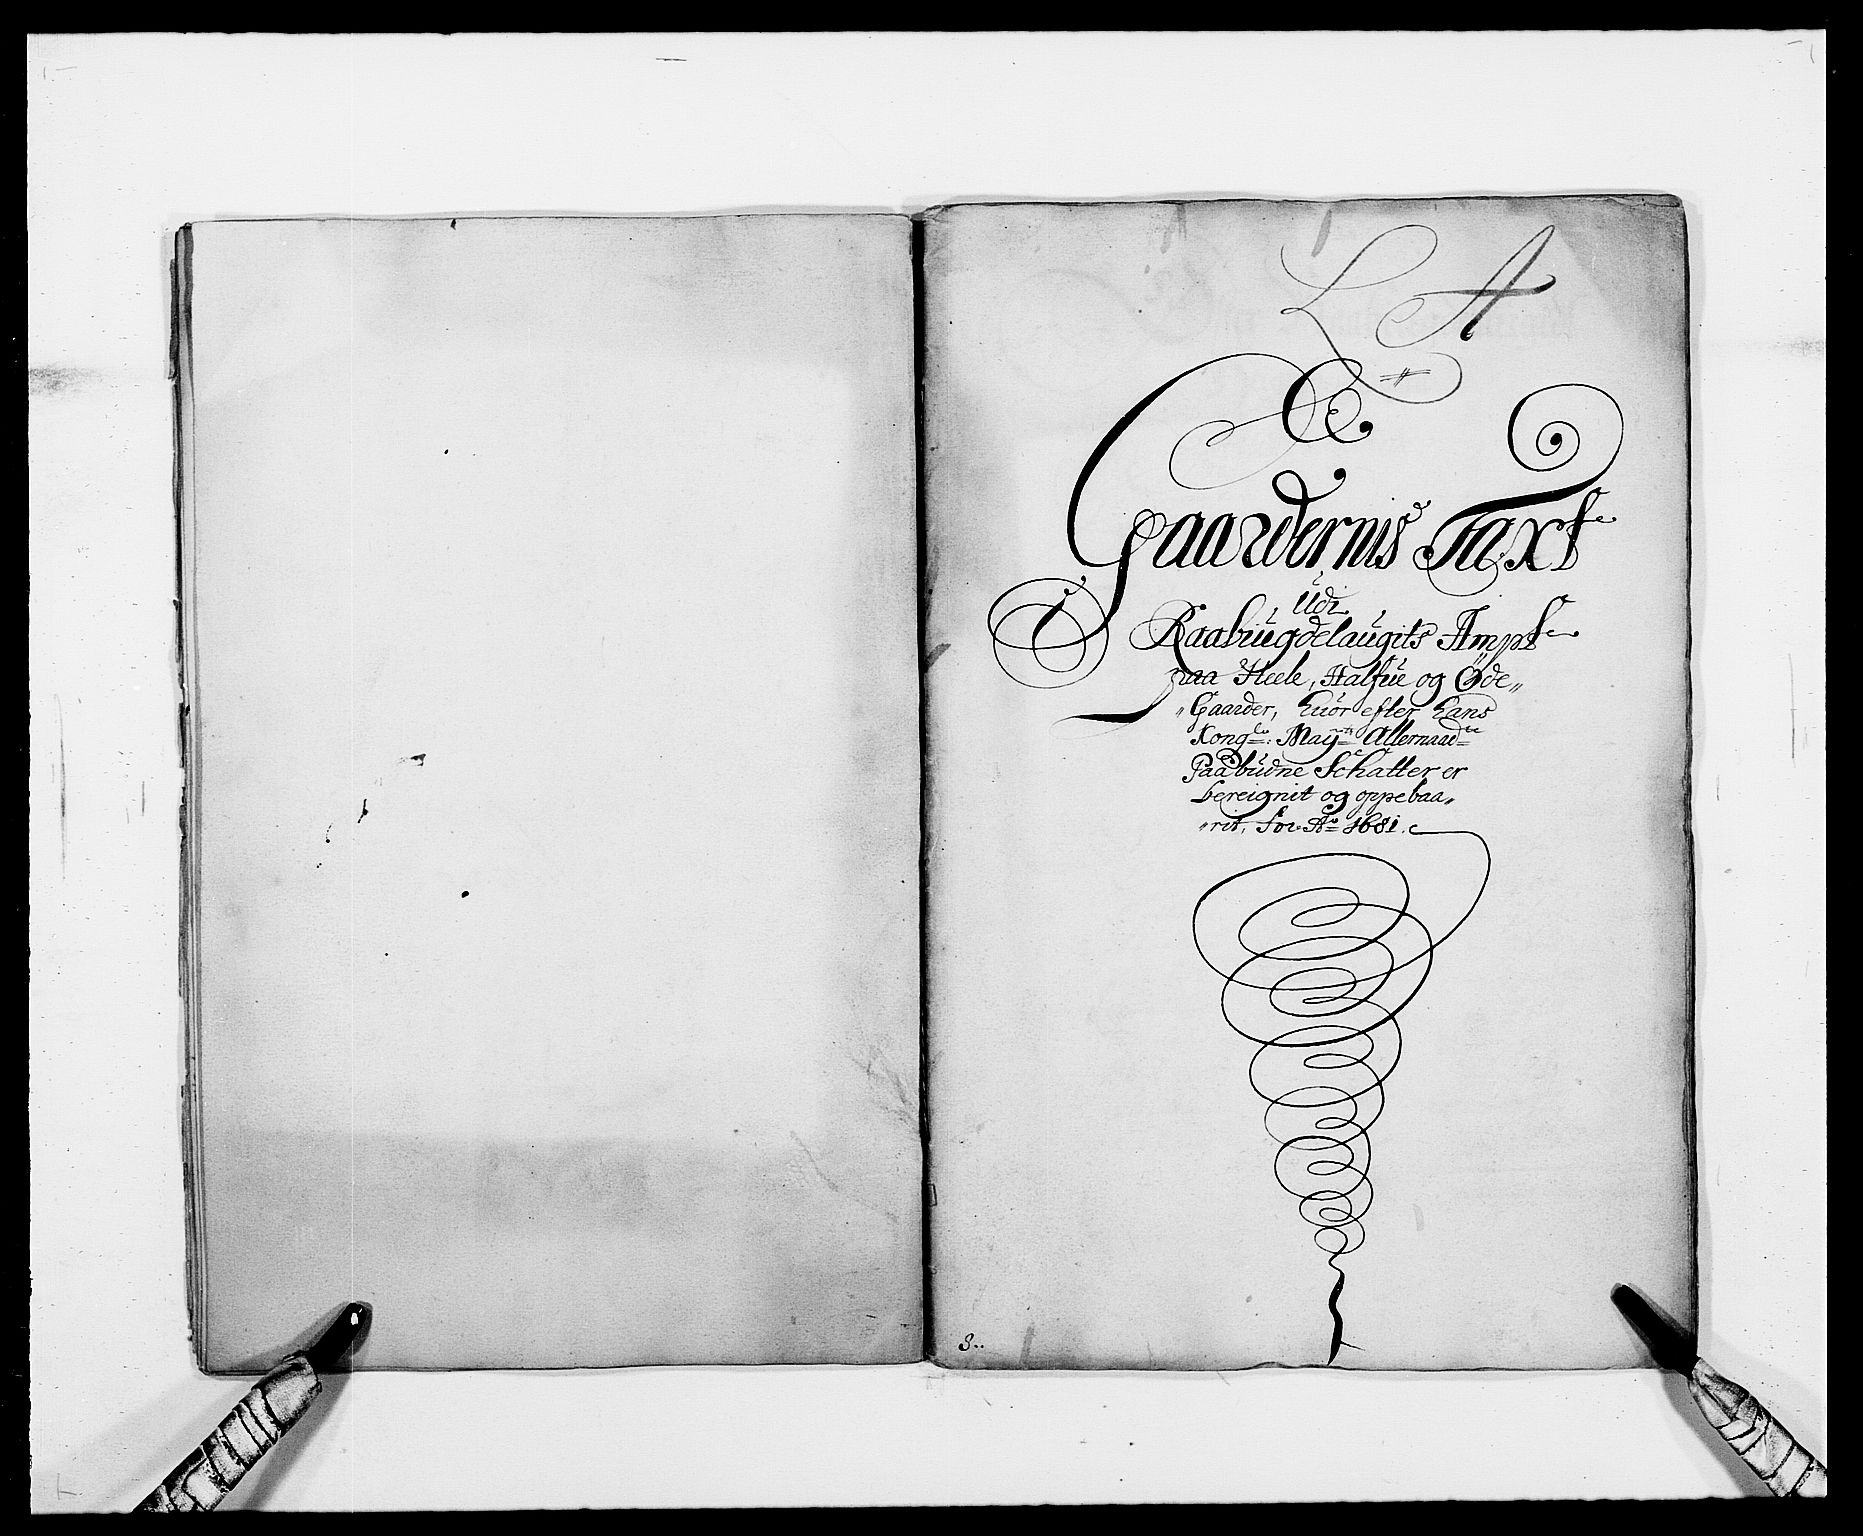 RA, Rentekammeret inntil 1814, Reviderte regnskaper, Fogderegnskap, R40/L2437: Fogderegnskap Råbyggelag, 1681, s. 7